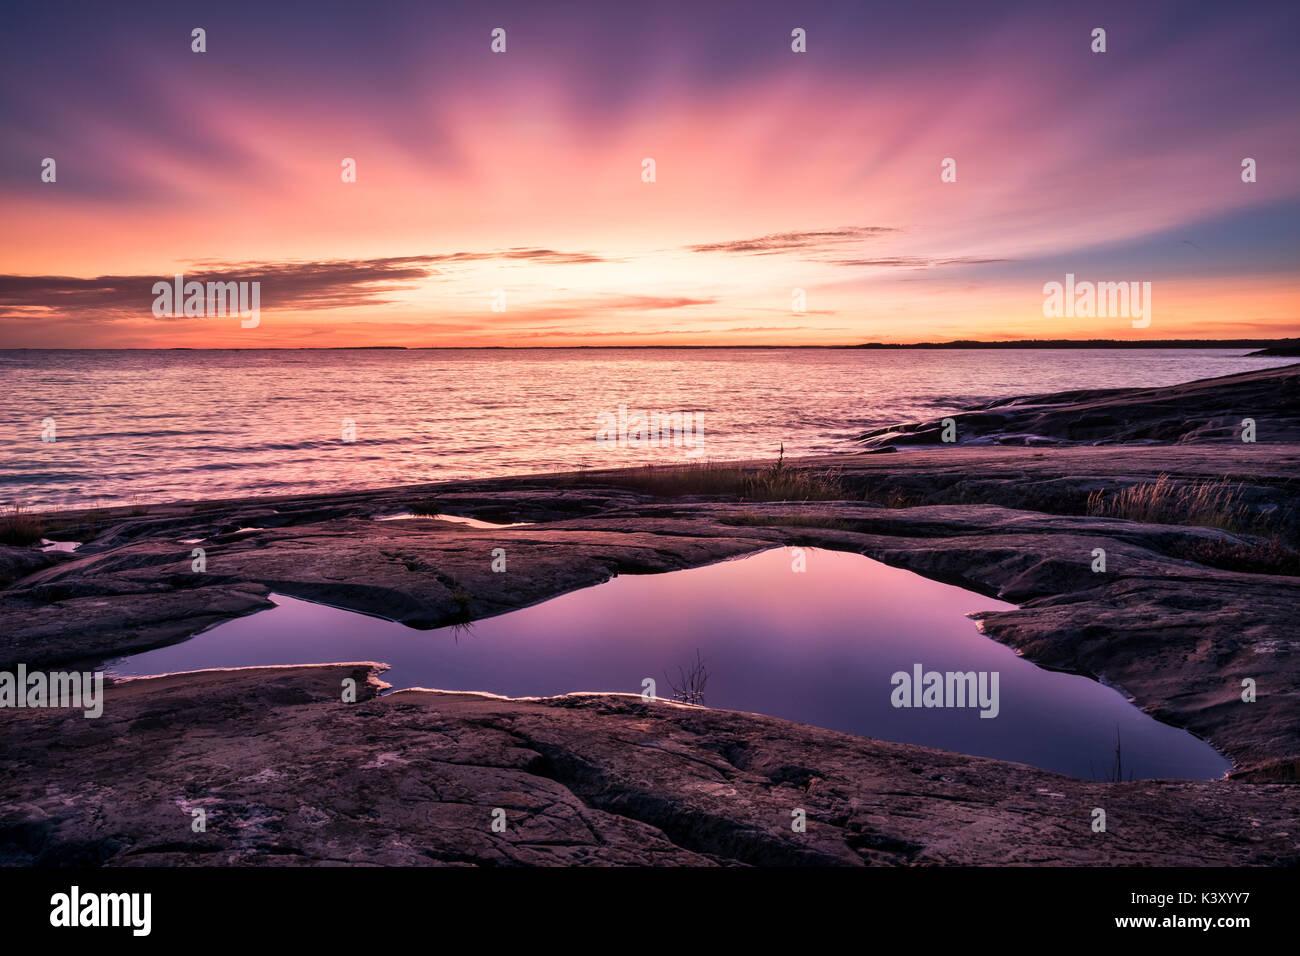 Epische Sonnenuntergang mit schöner Farbe und Meer im Herbst Abend in Porkkalanniemi, Finnland Stockbild